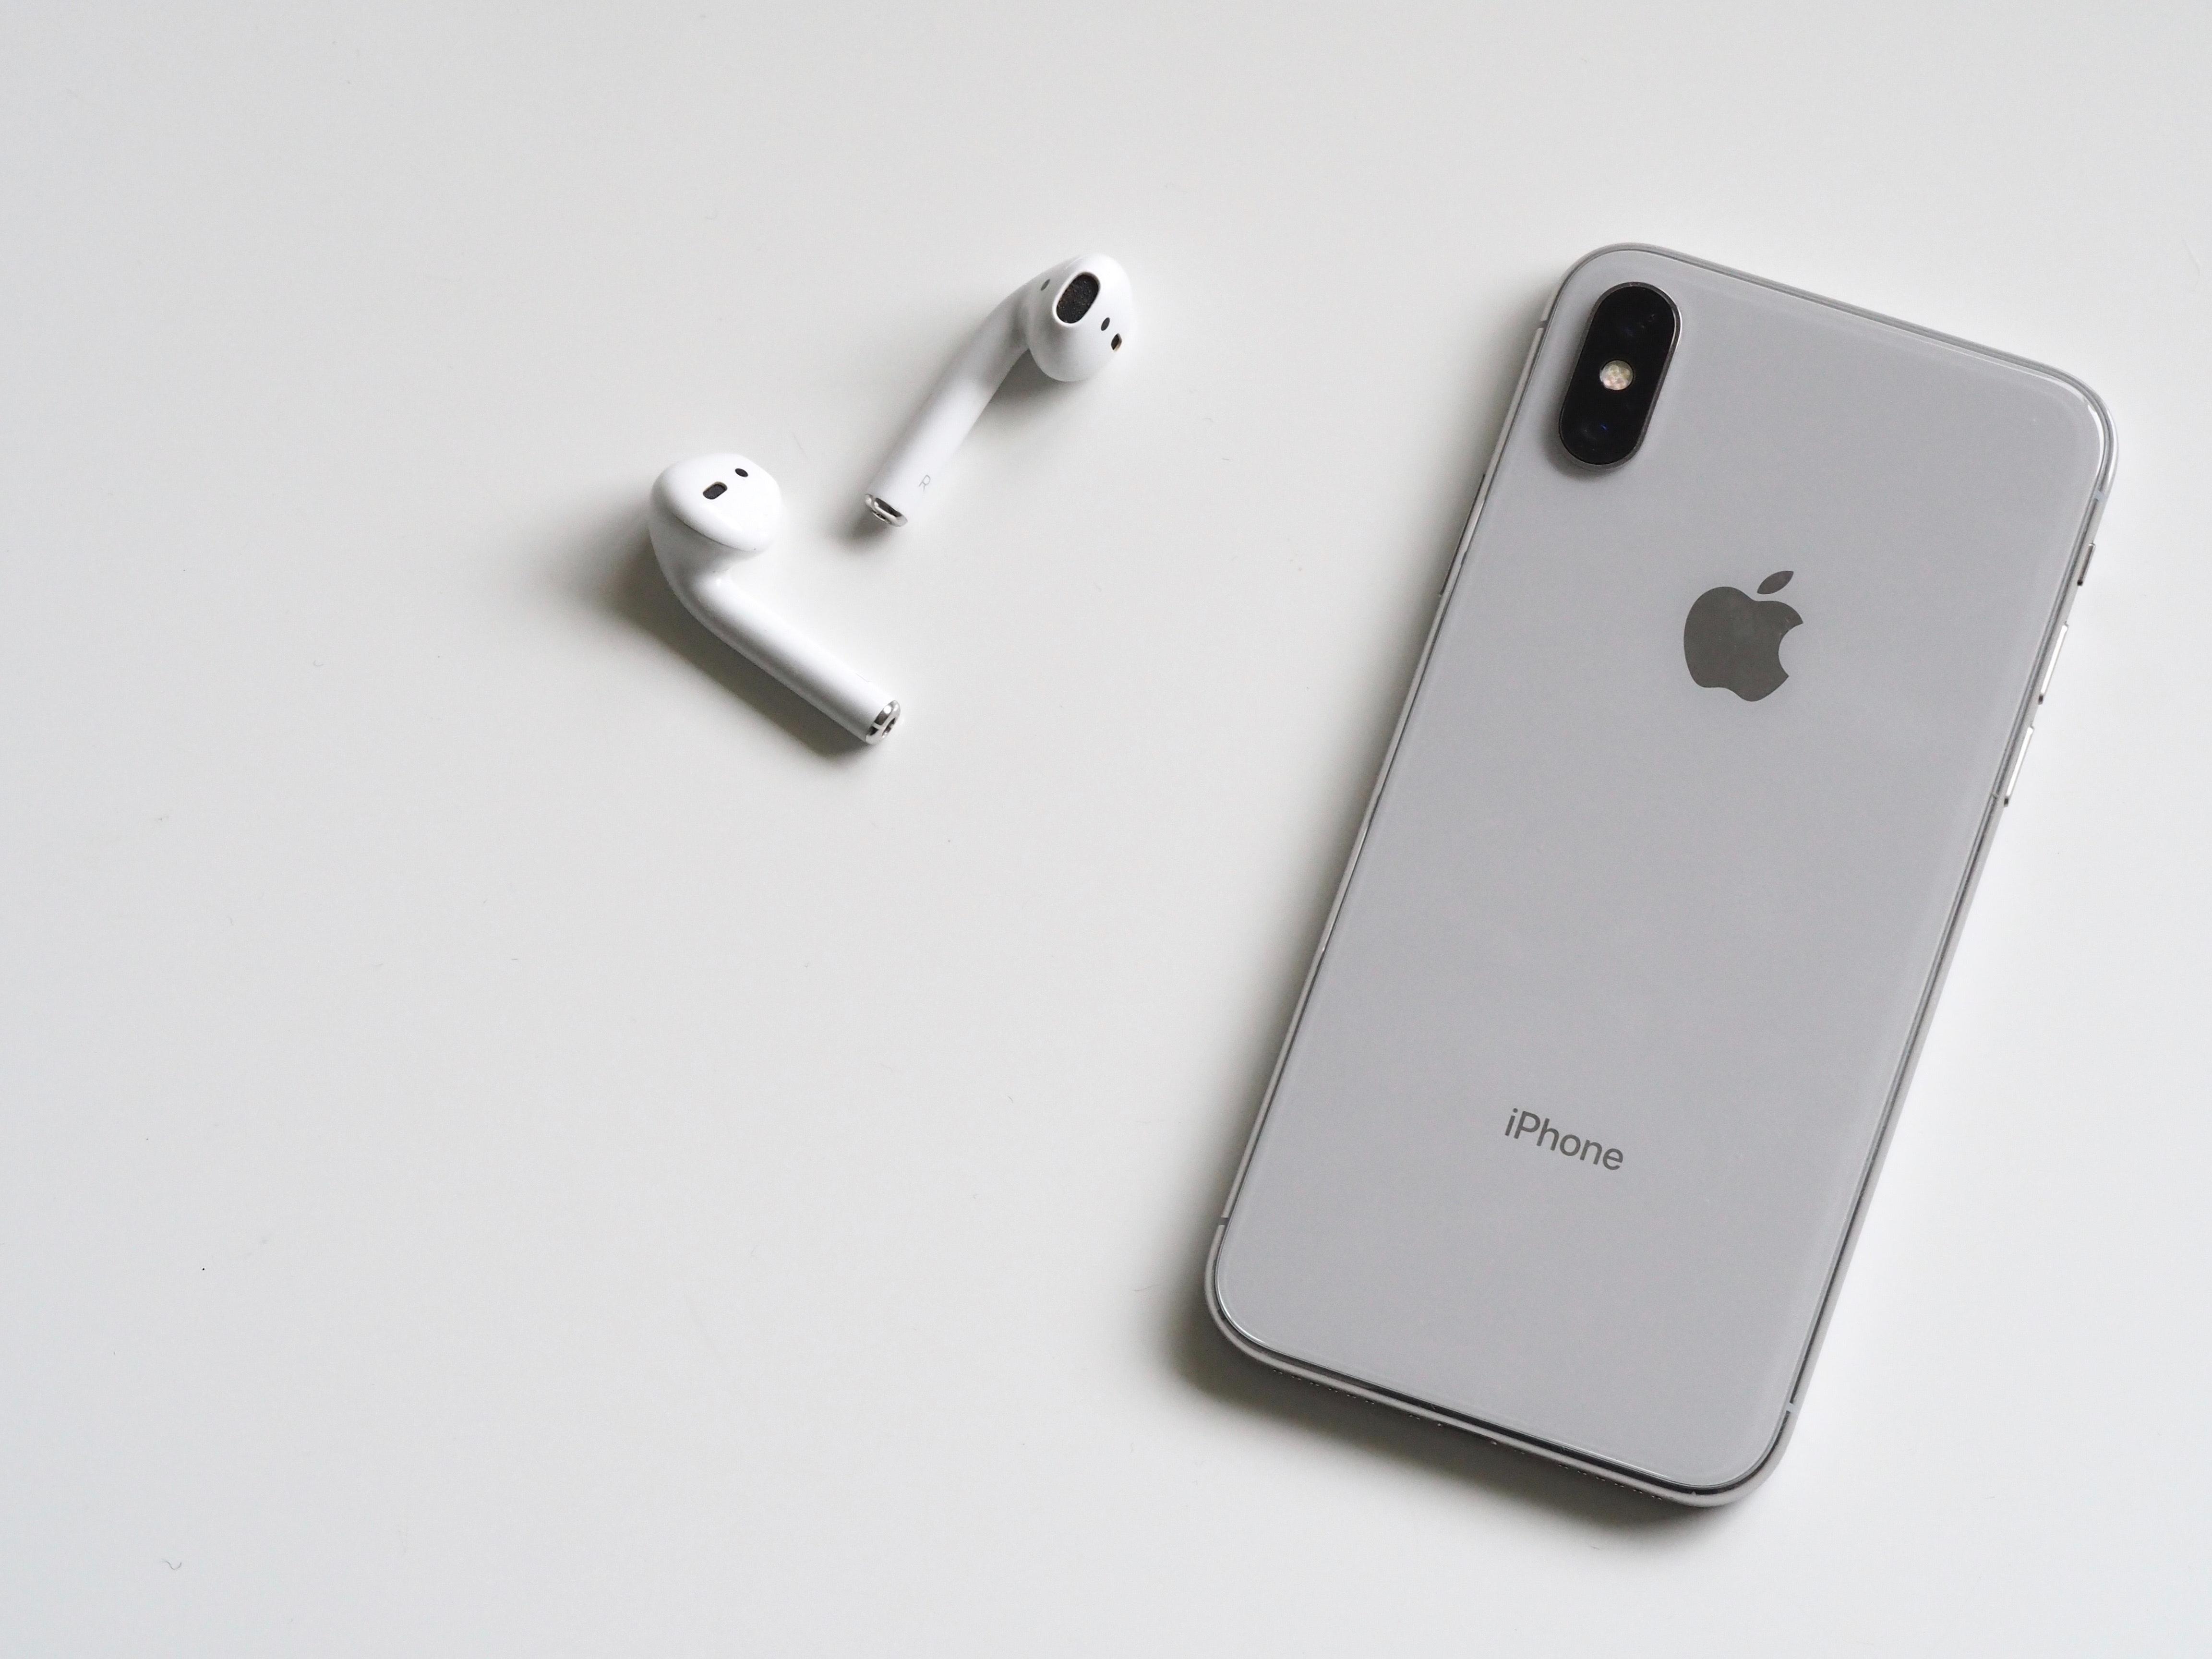 Apples sjokk: iPhone salget ned 30 prosent ifølge prognoser